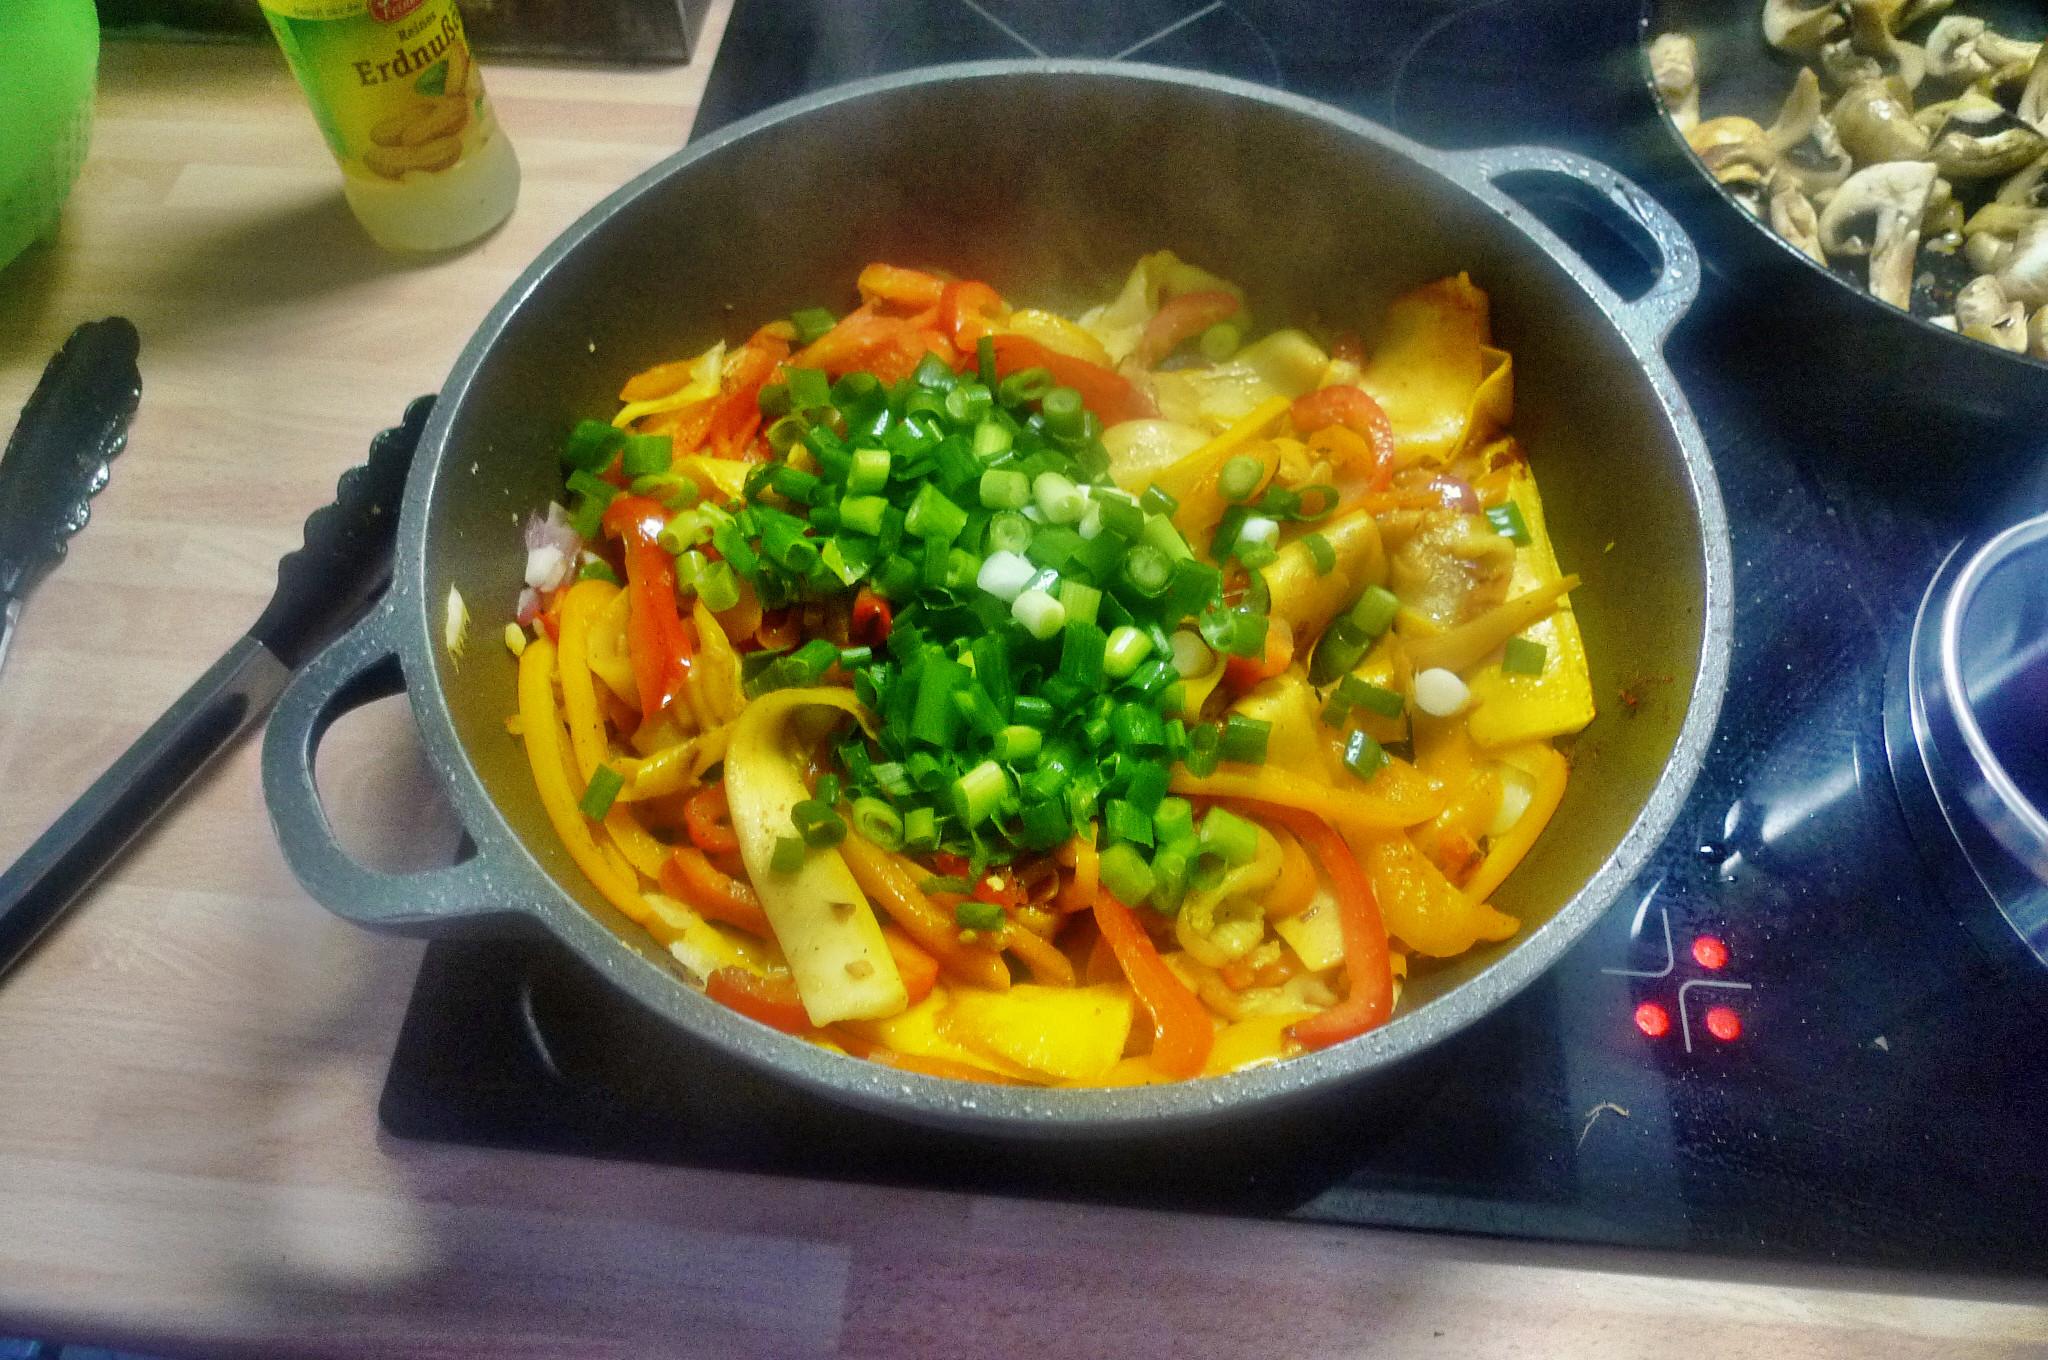 Gemüse-Nudelpfanne - 16.9.14   (9)